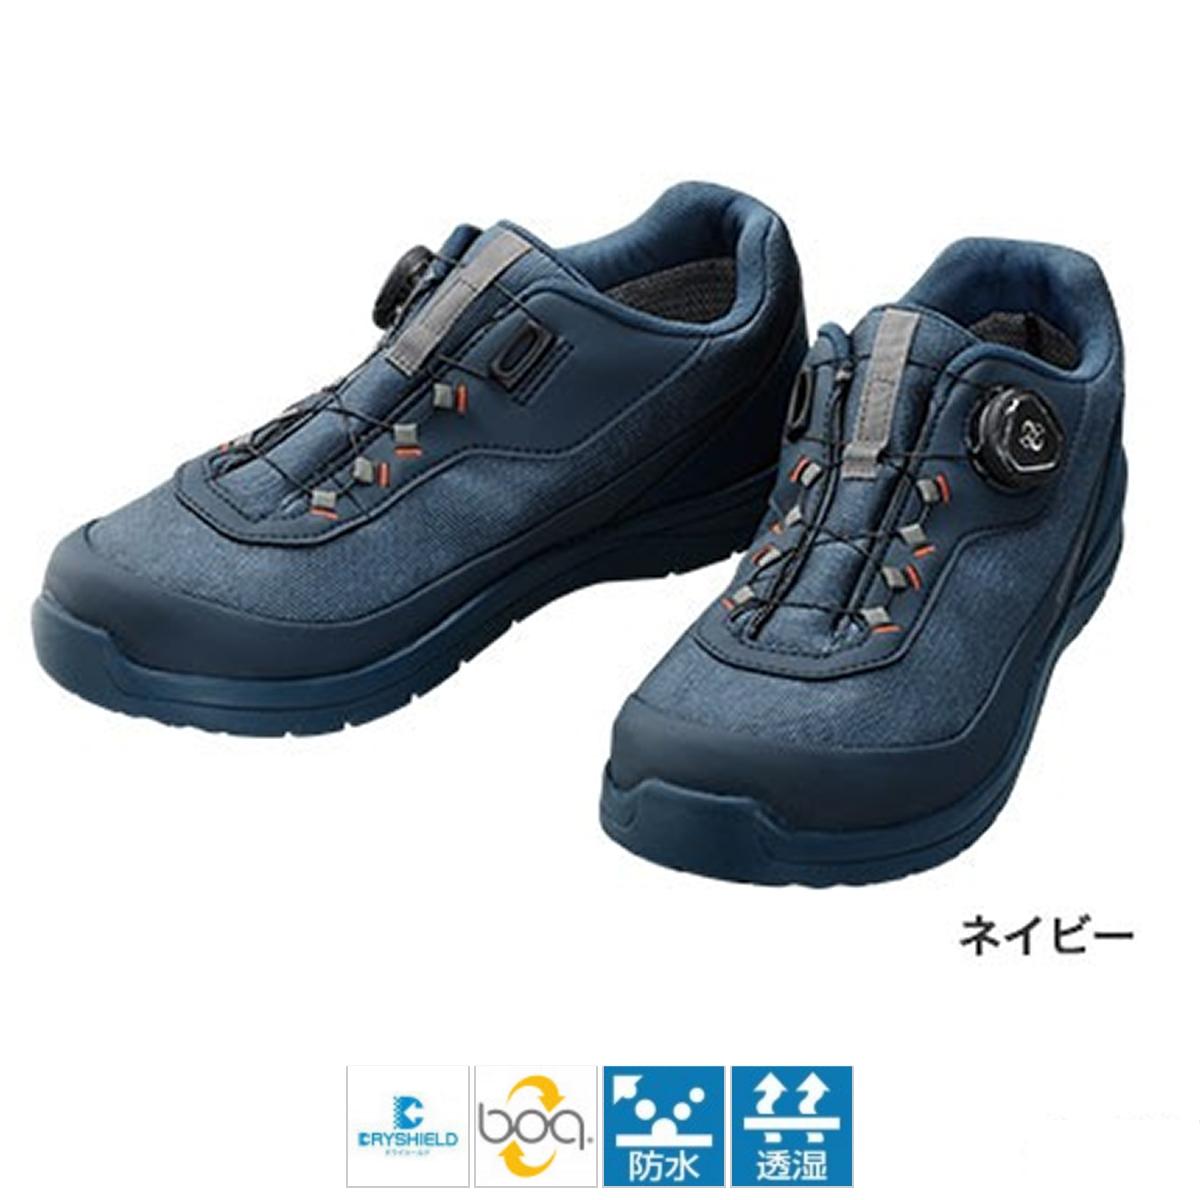 シマノ ドライシールド デッキラジアルフィットシューズ LW FS-081Q 26cm ネイビー(東日本店)